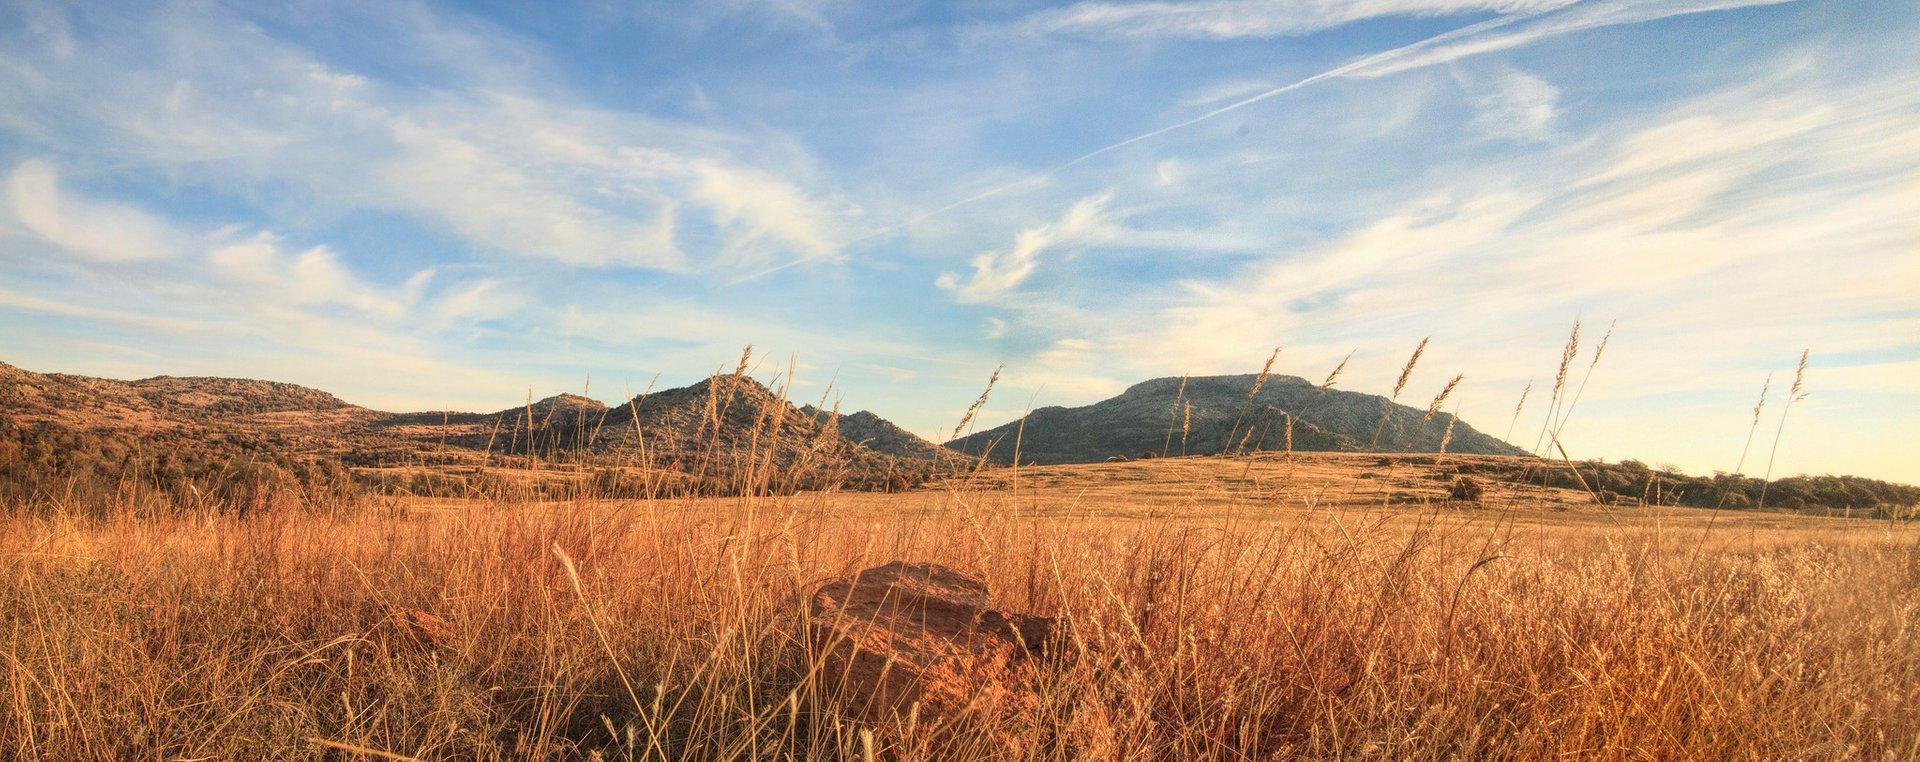 Quetone Overlook. Wichita Mountains Wildlife Refuge 2020